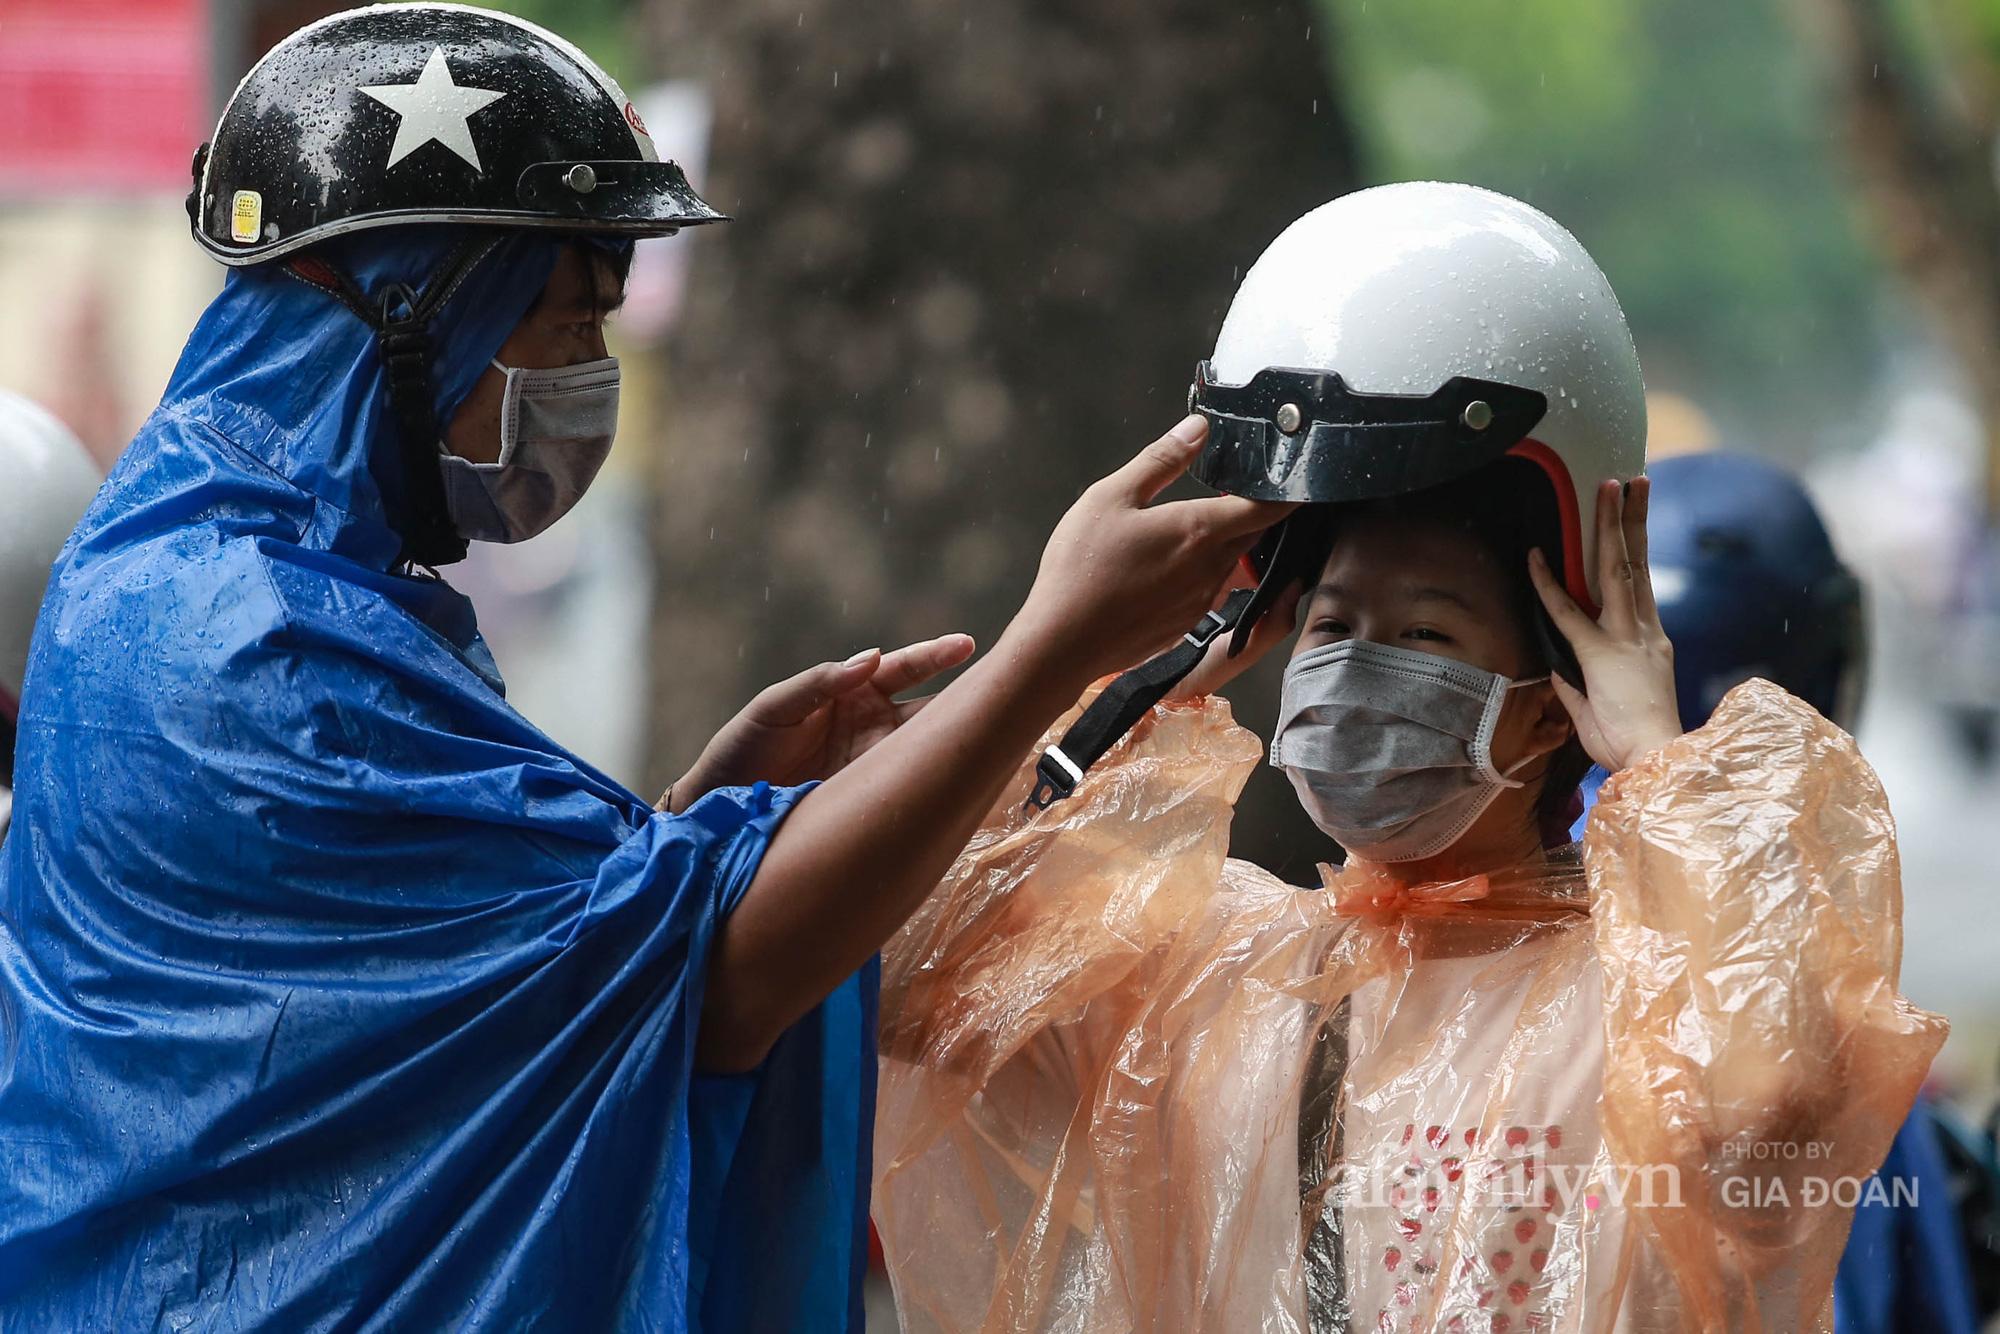 Phụ huynh, thí sinh ở Hà Nội đội mưa đi lễ cầu may trước ngày thi vào lớp 10 THPT - Ảnh 4.